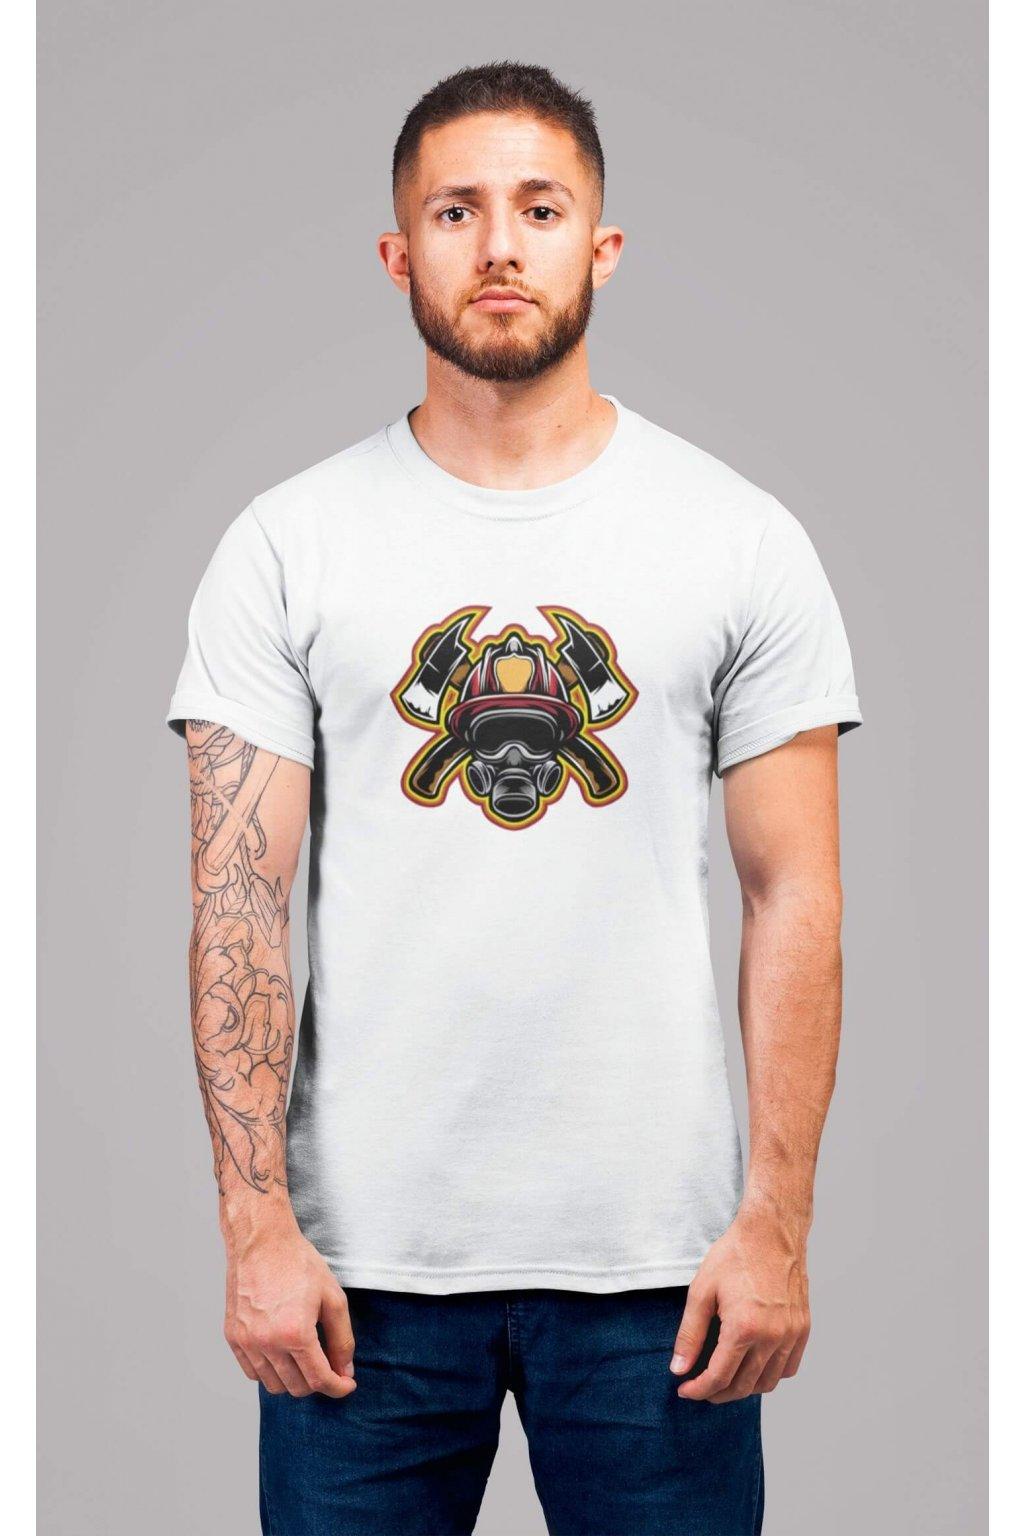 Tričko hasič